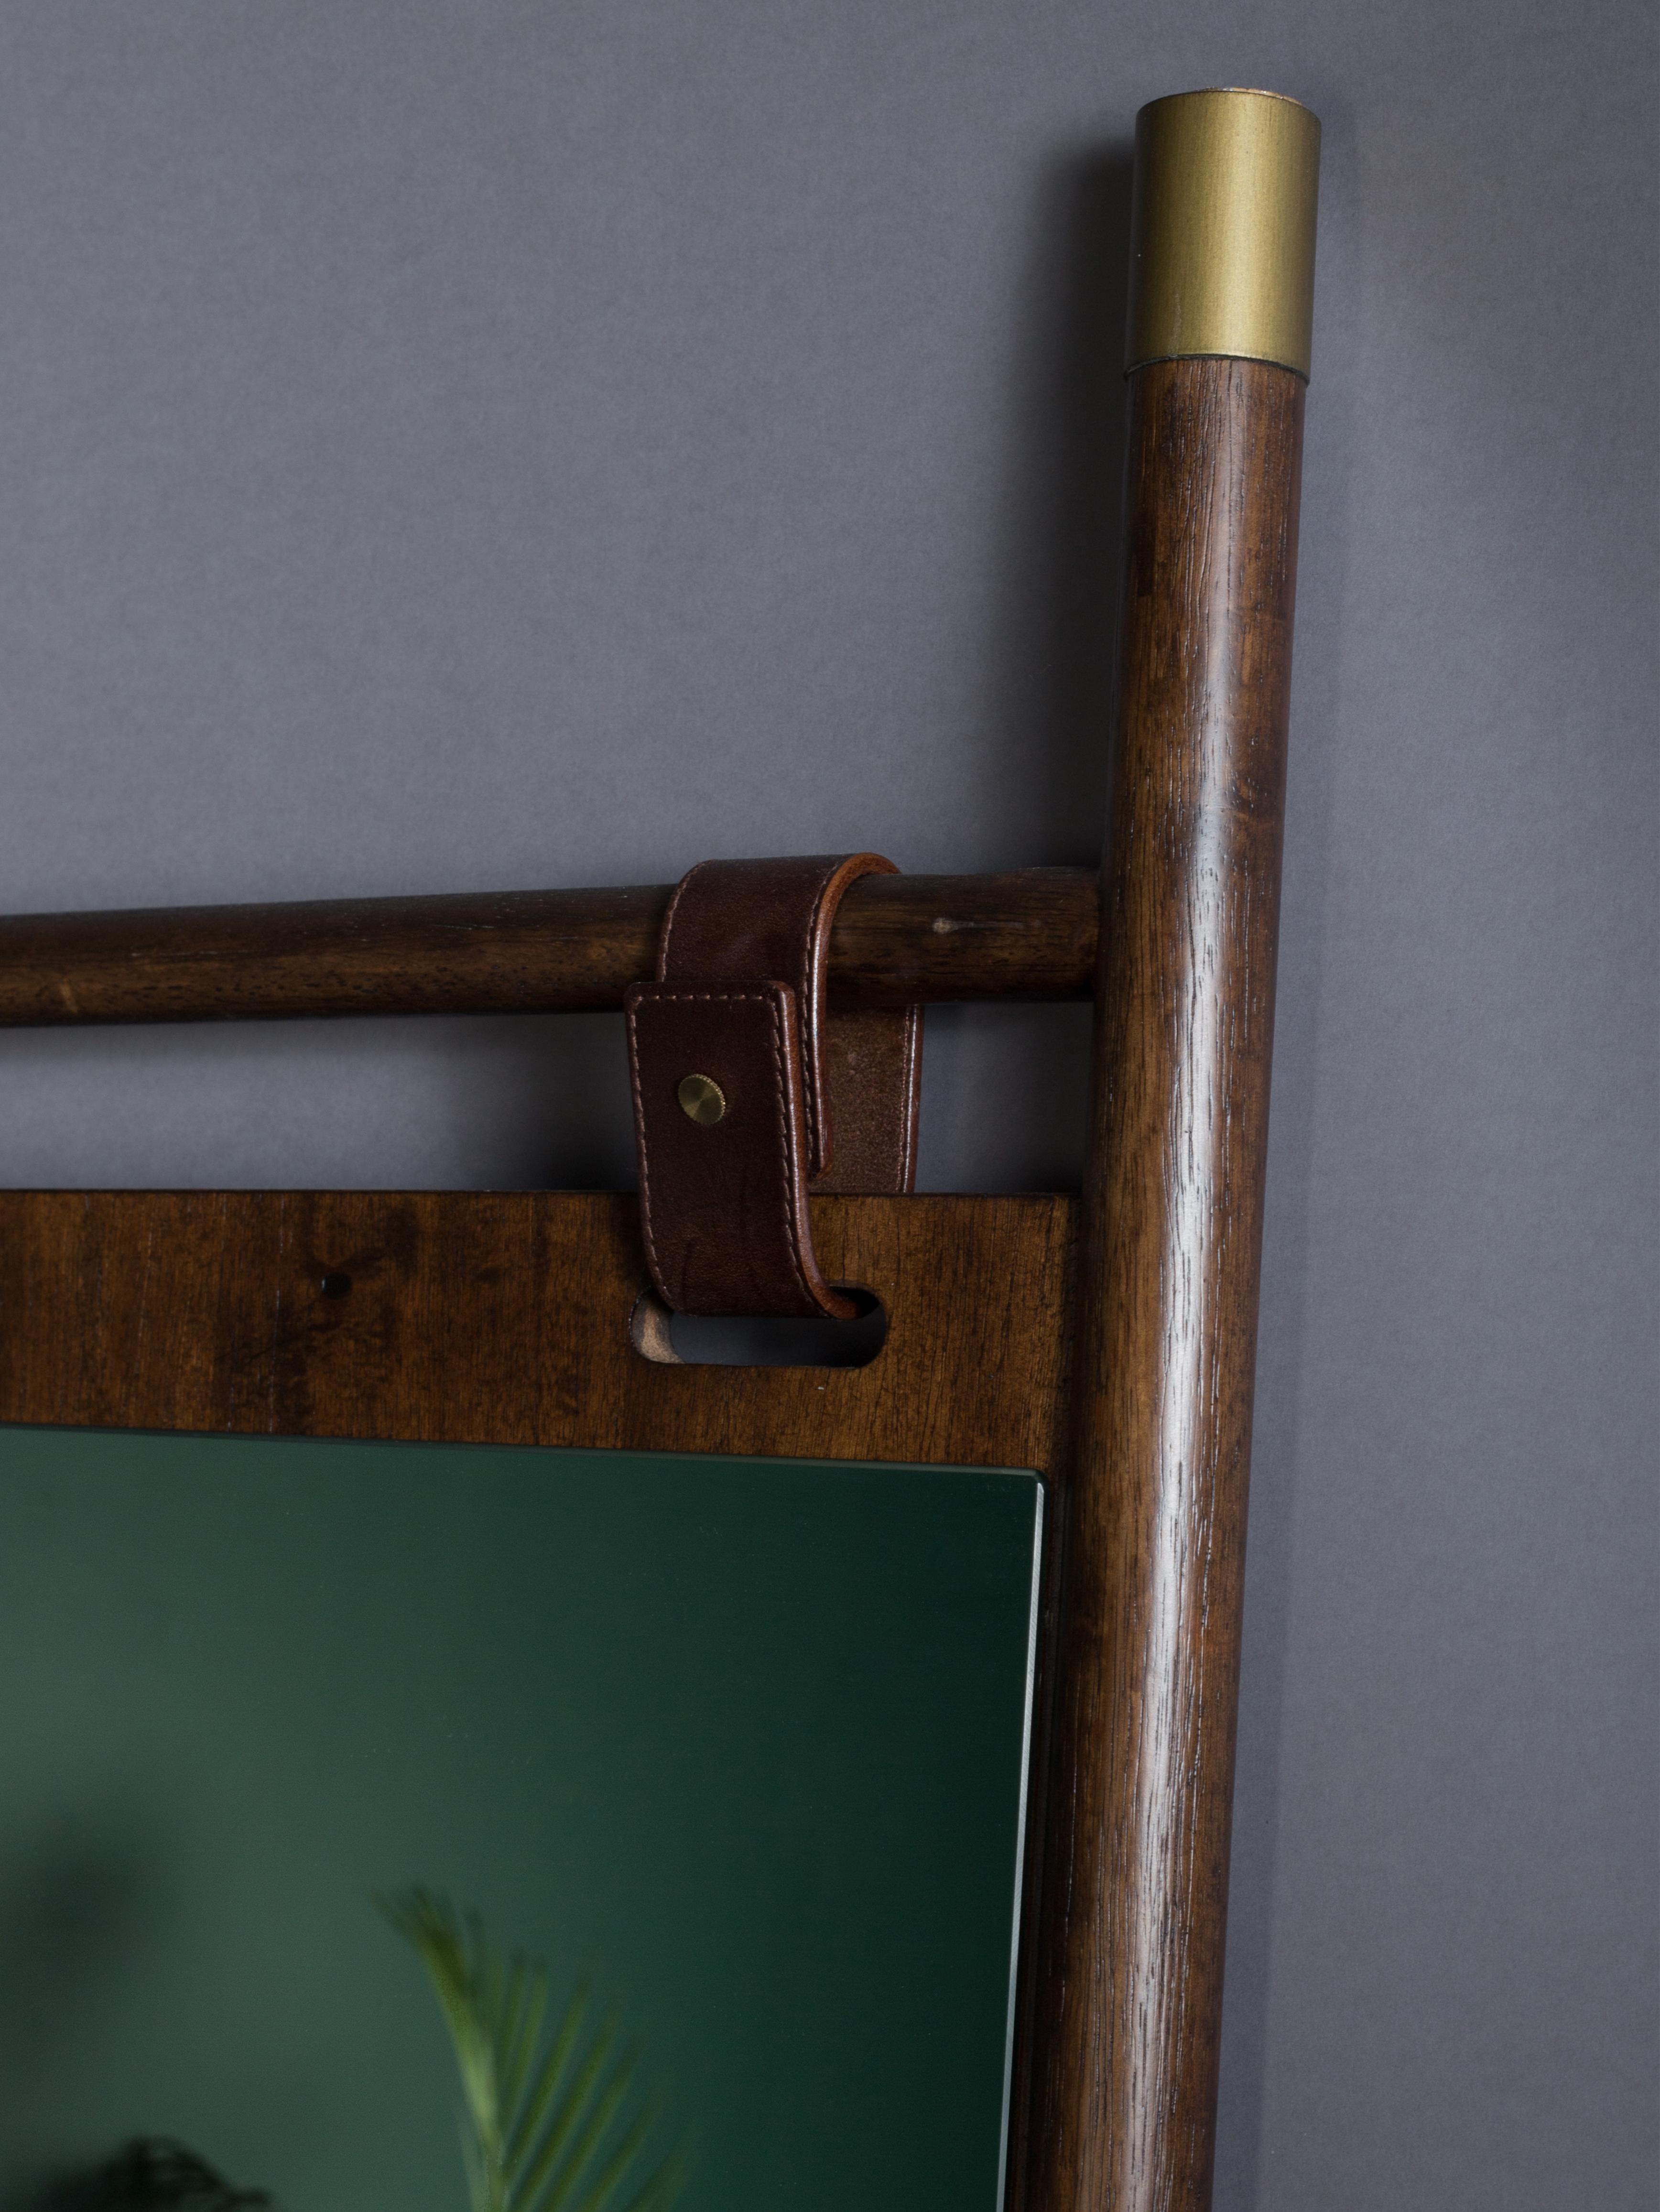 Dunkelbrauner Anlehnspiegel Riva mit Lederbändern, Rahmen: Buchenholz, Spiegelfläche: Spiegelglas Lederstreifen, Rahmen: DunkelbraunSpiegelfläche: Spiegelglas, 60 x 180 cm